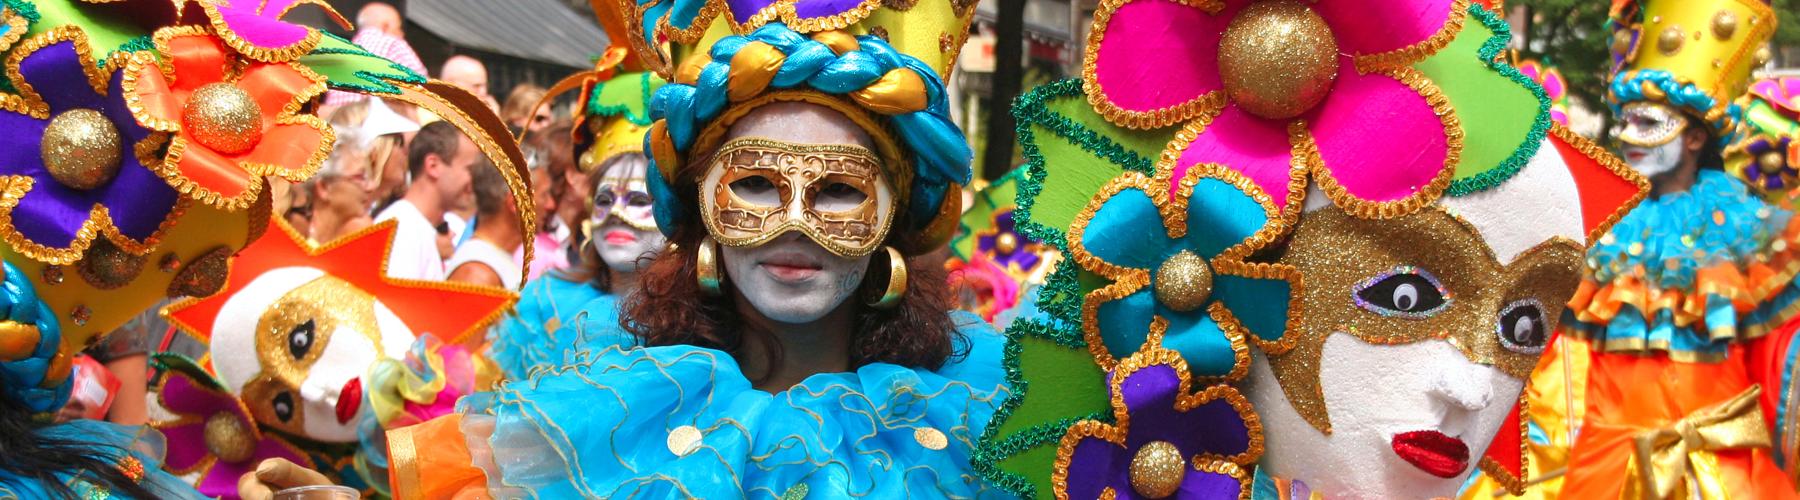 Helloprinters En Acción: Carnaval de Verano en Rotterdam